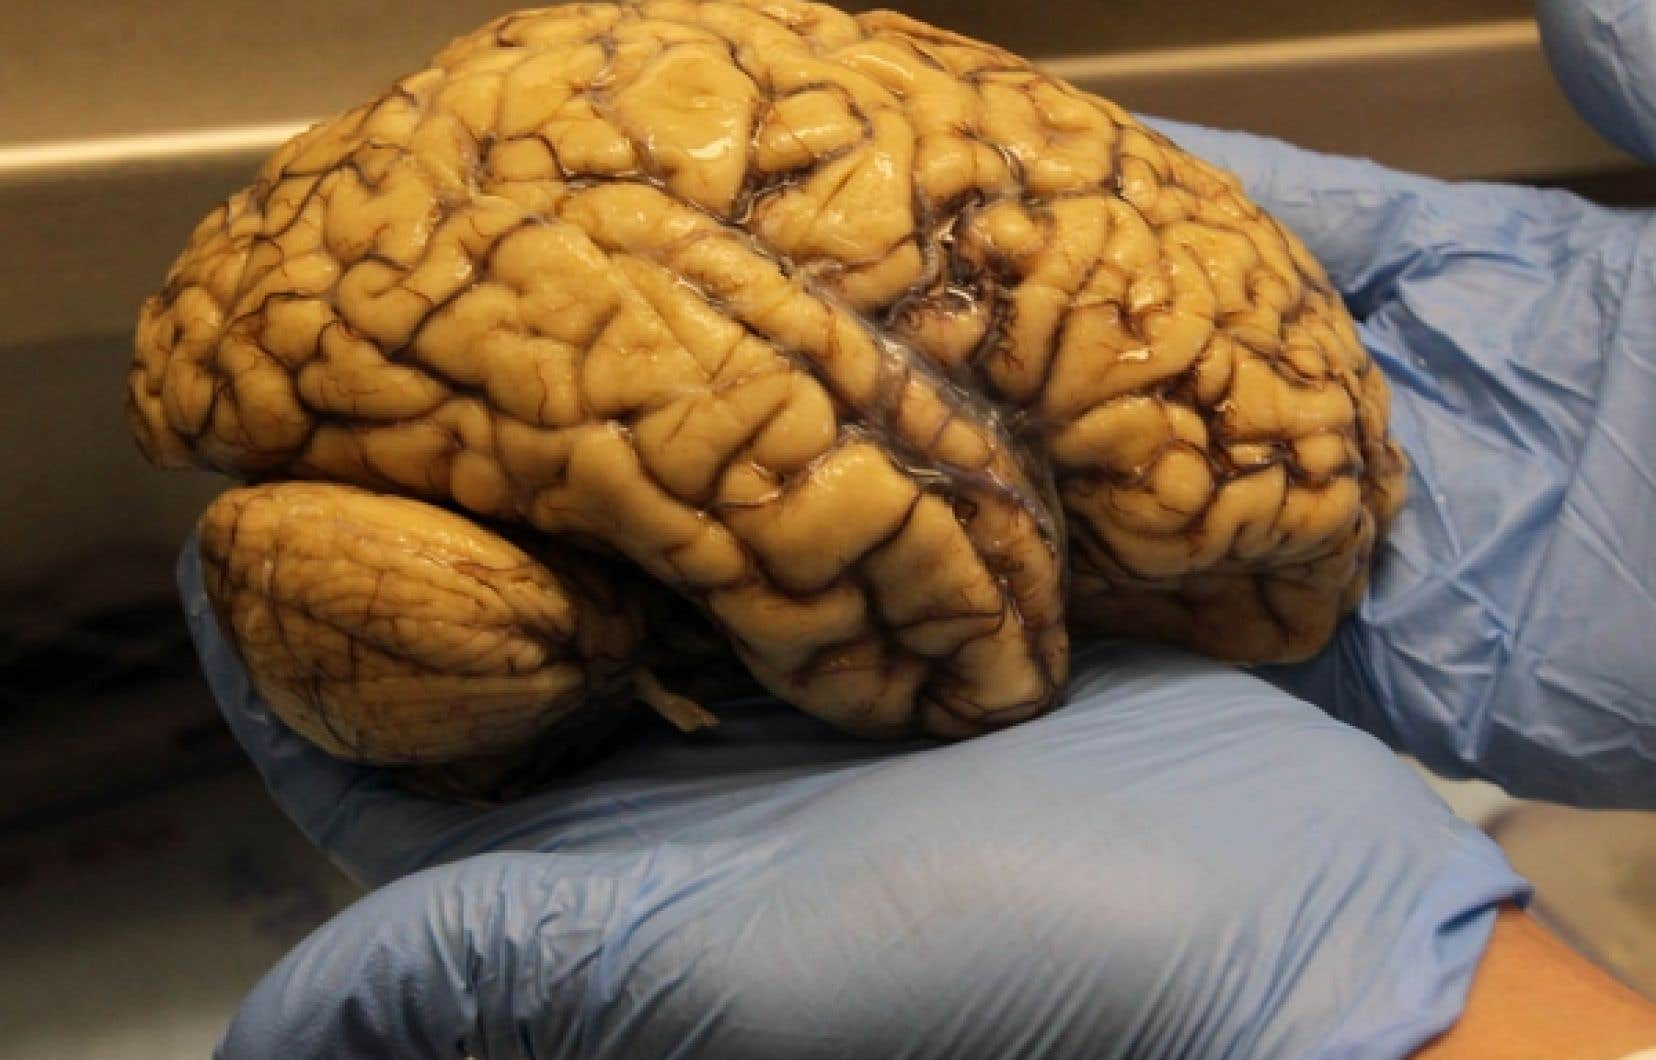 La banque de cerveaux de l'Institut Douglas compte actuellement plus de 3000 spécimens.<br />